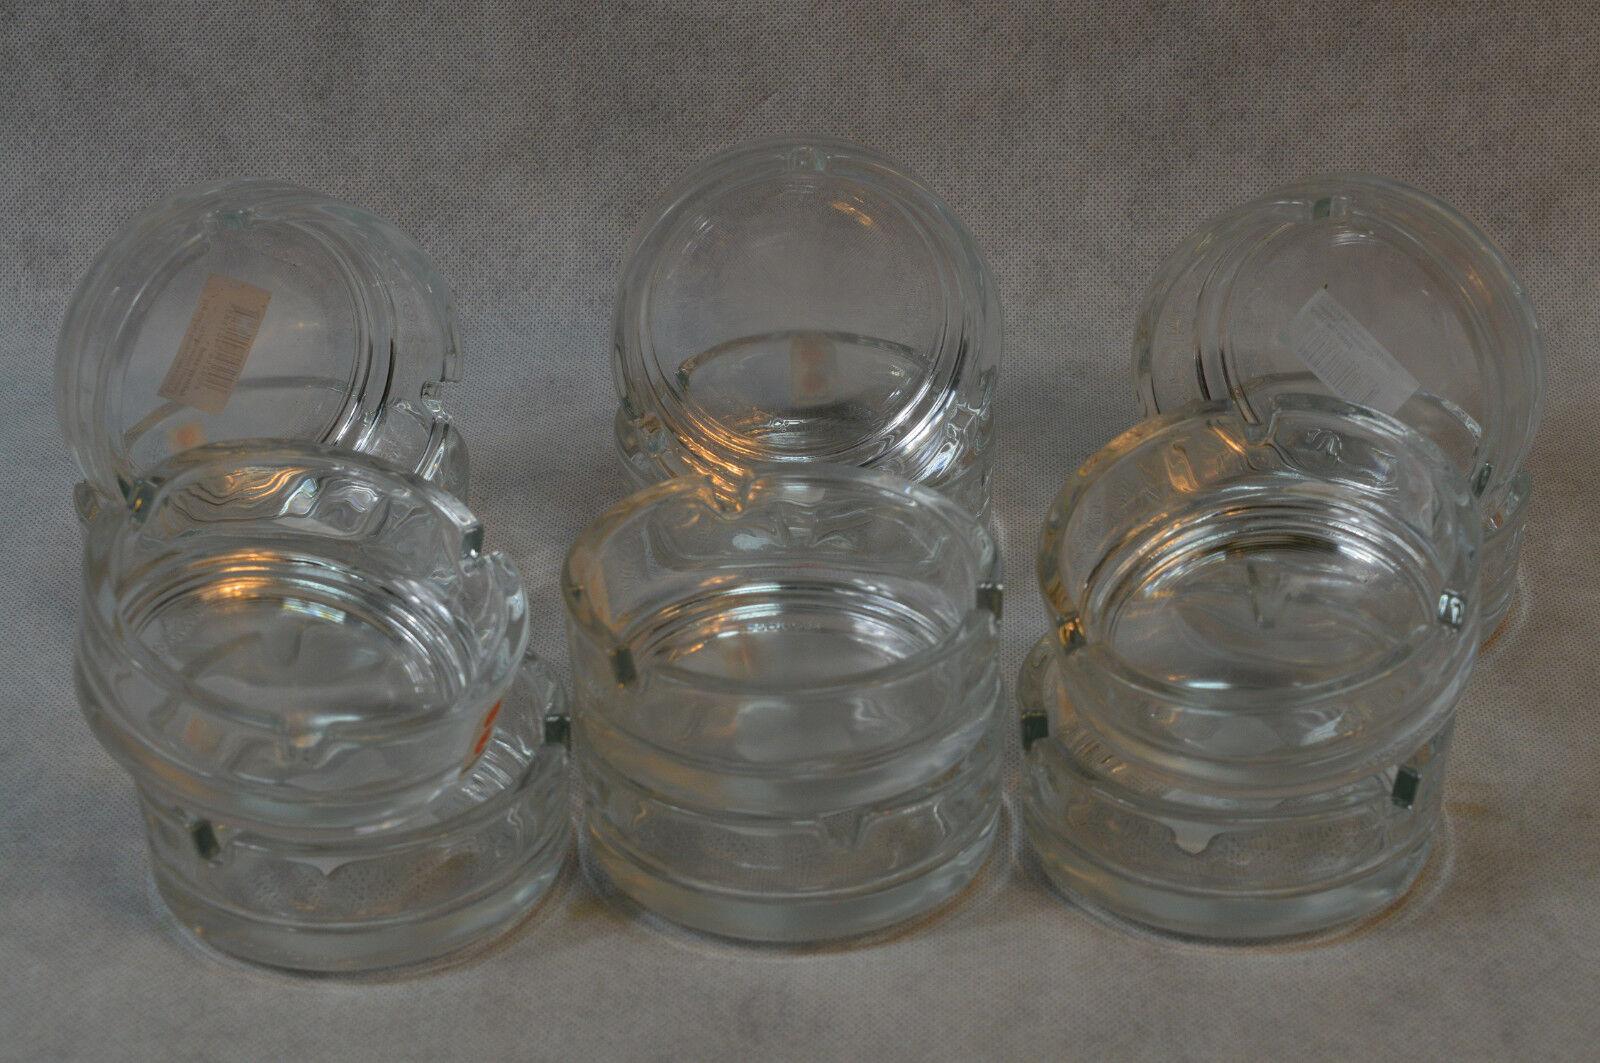 48 Aschenbecher aus Glas Ø 10cm Ascher für Bistro Lokale Marktstände Bar usw.